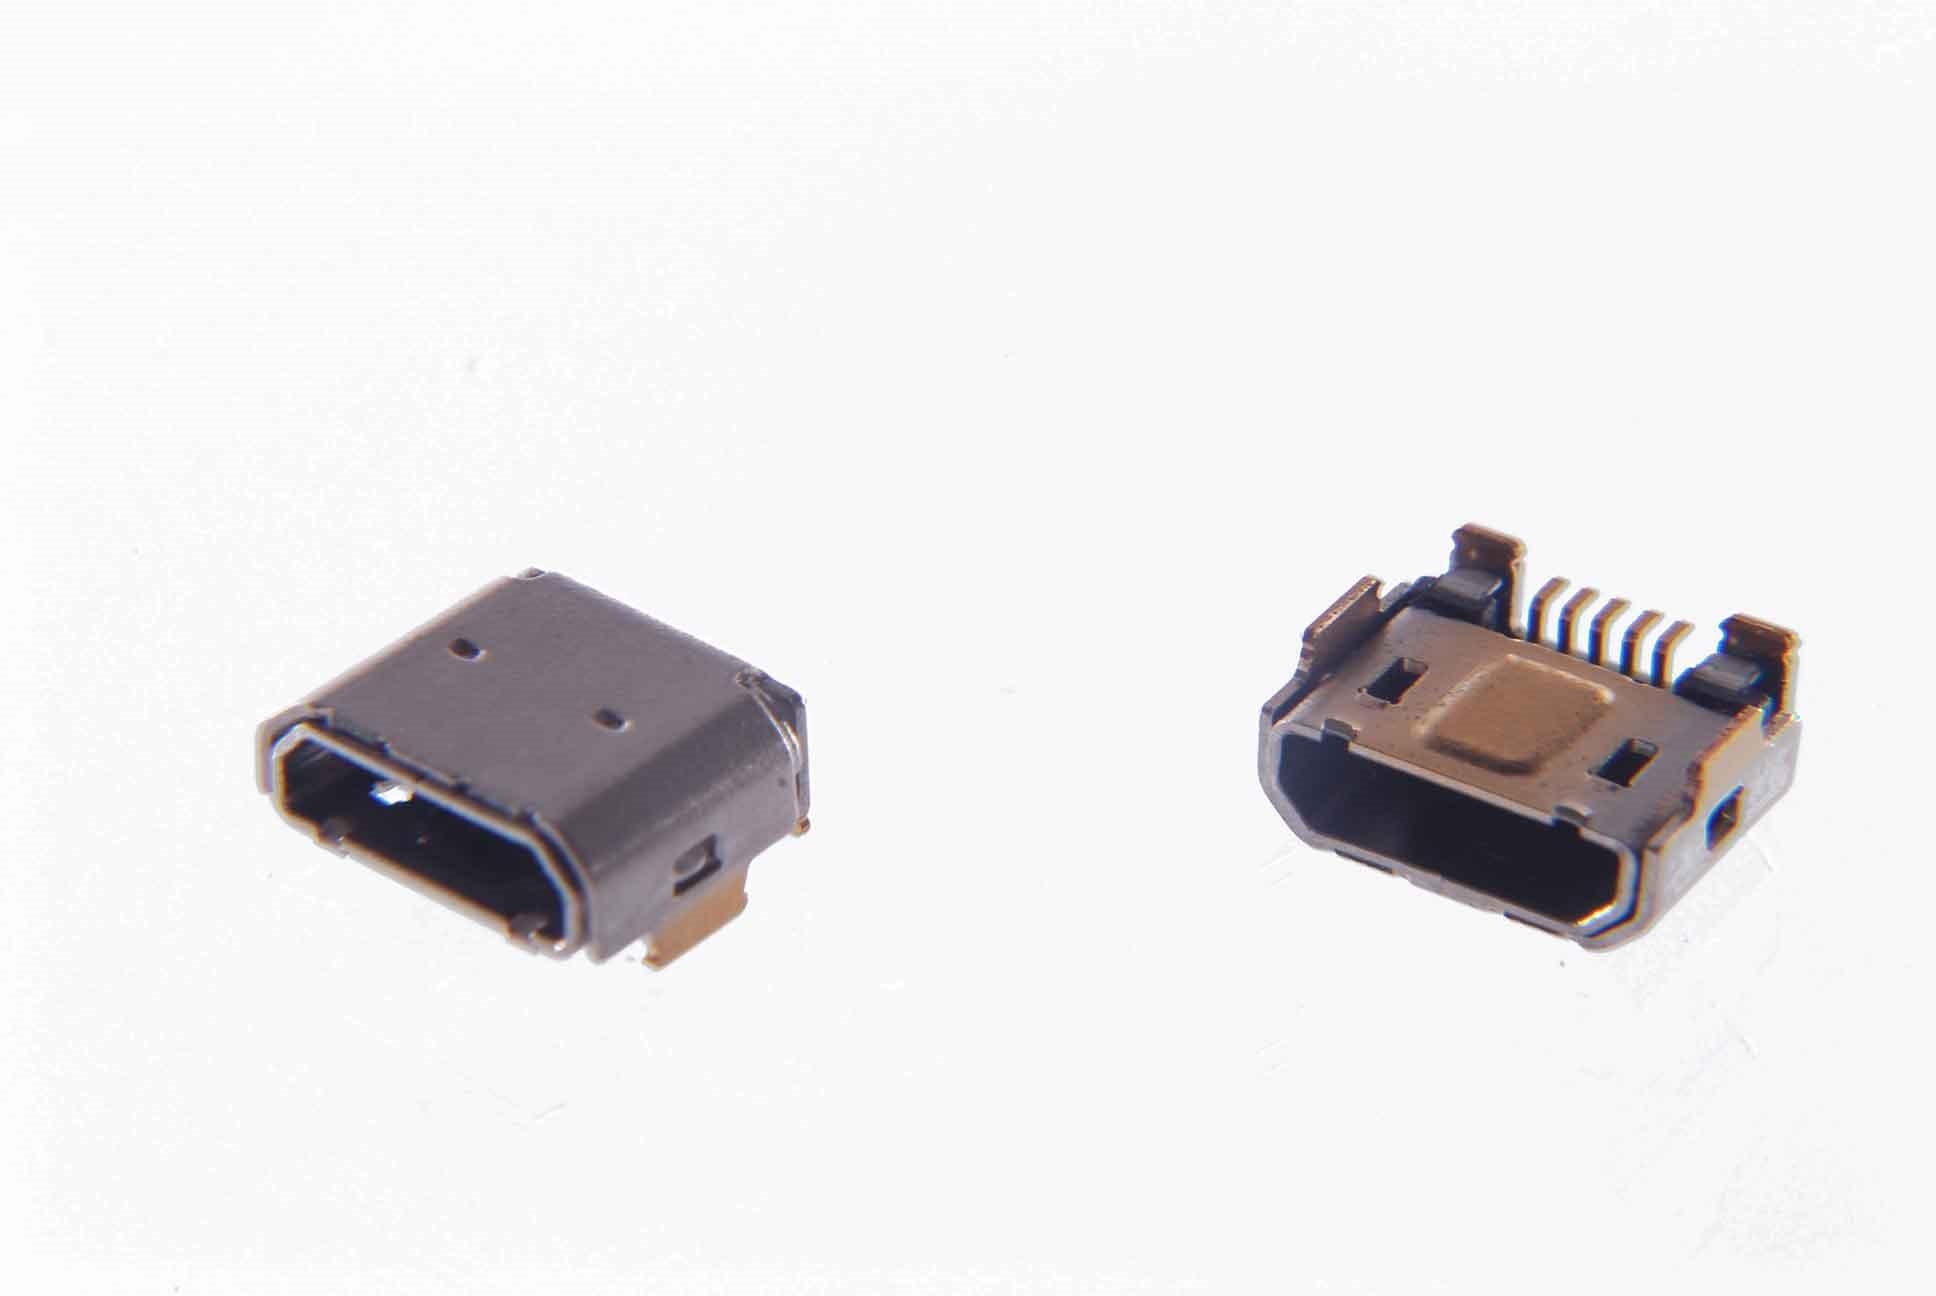 №3. Разъемы под micro-USB для зарядки телефона